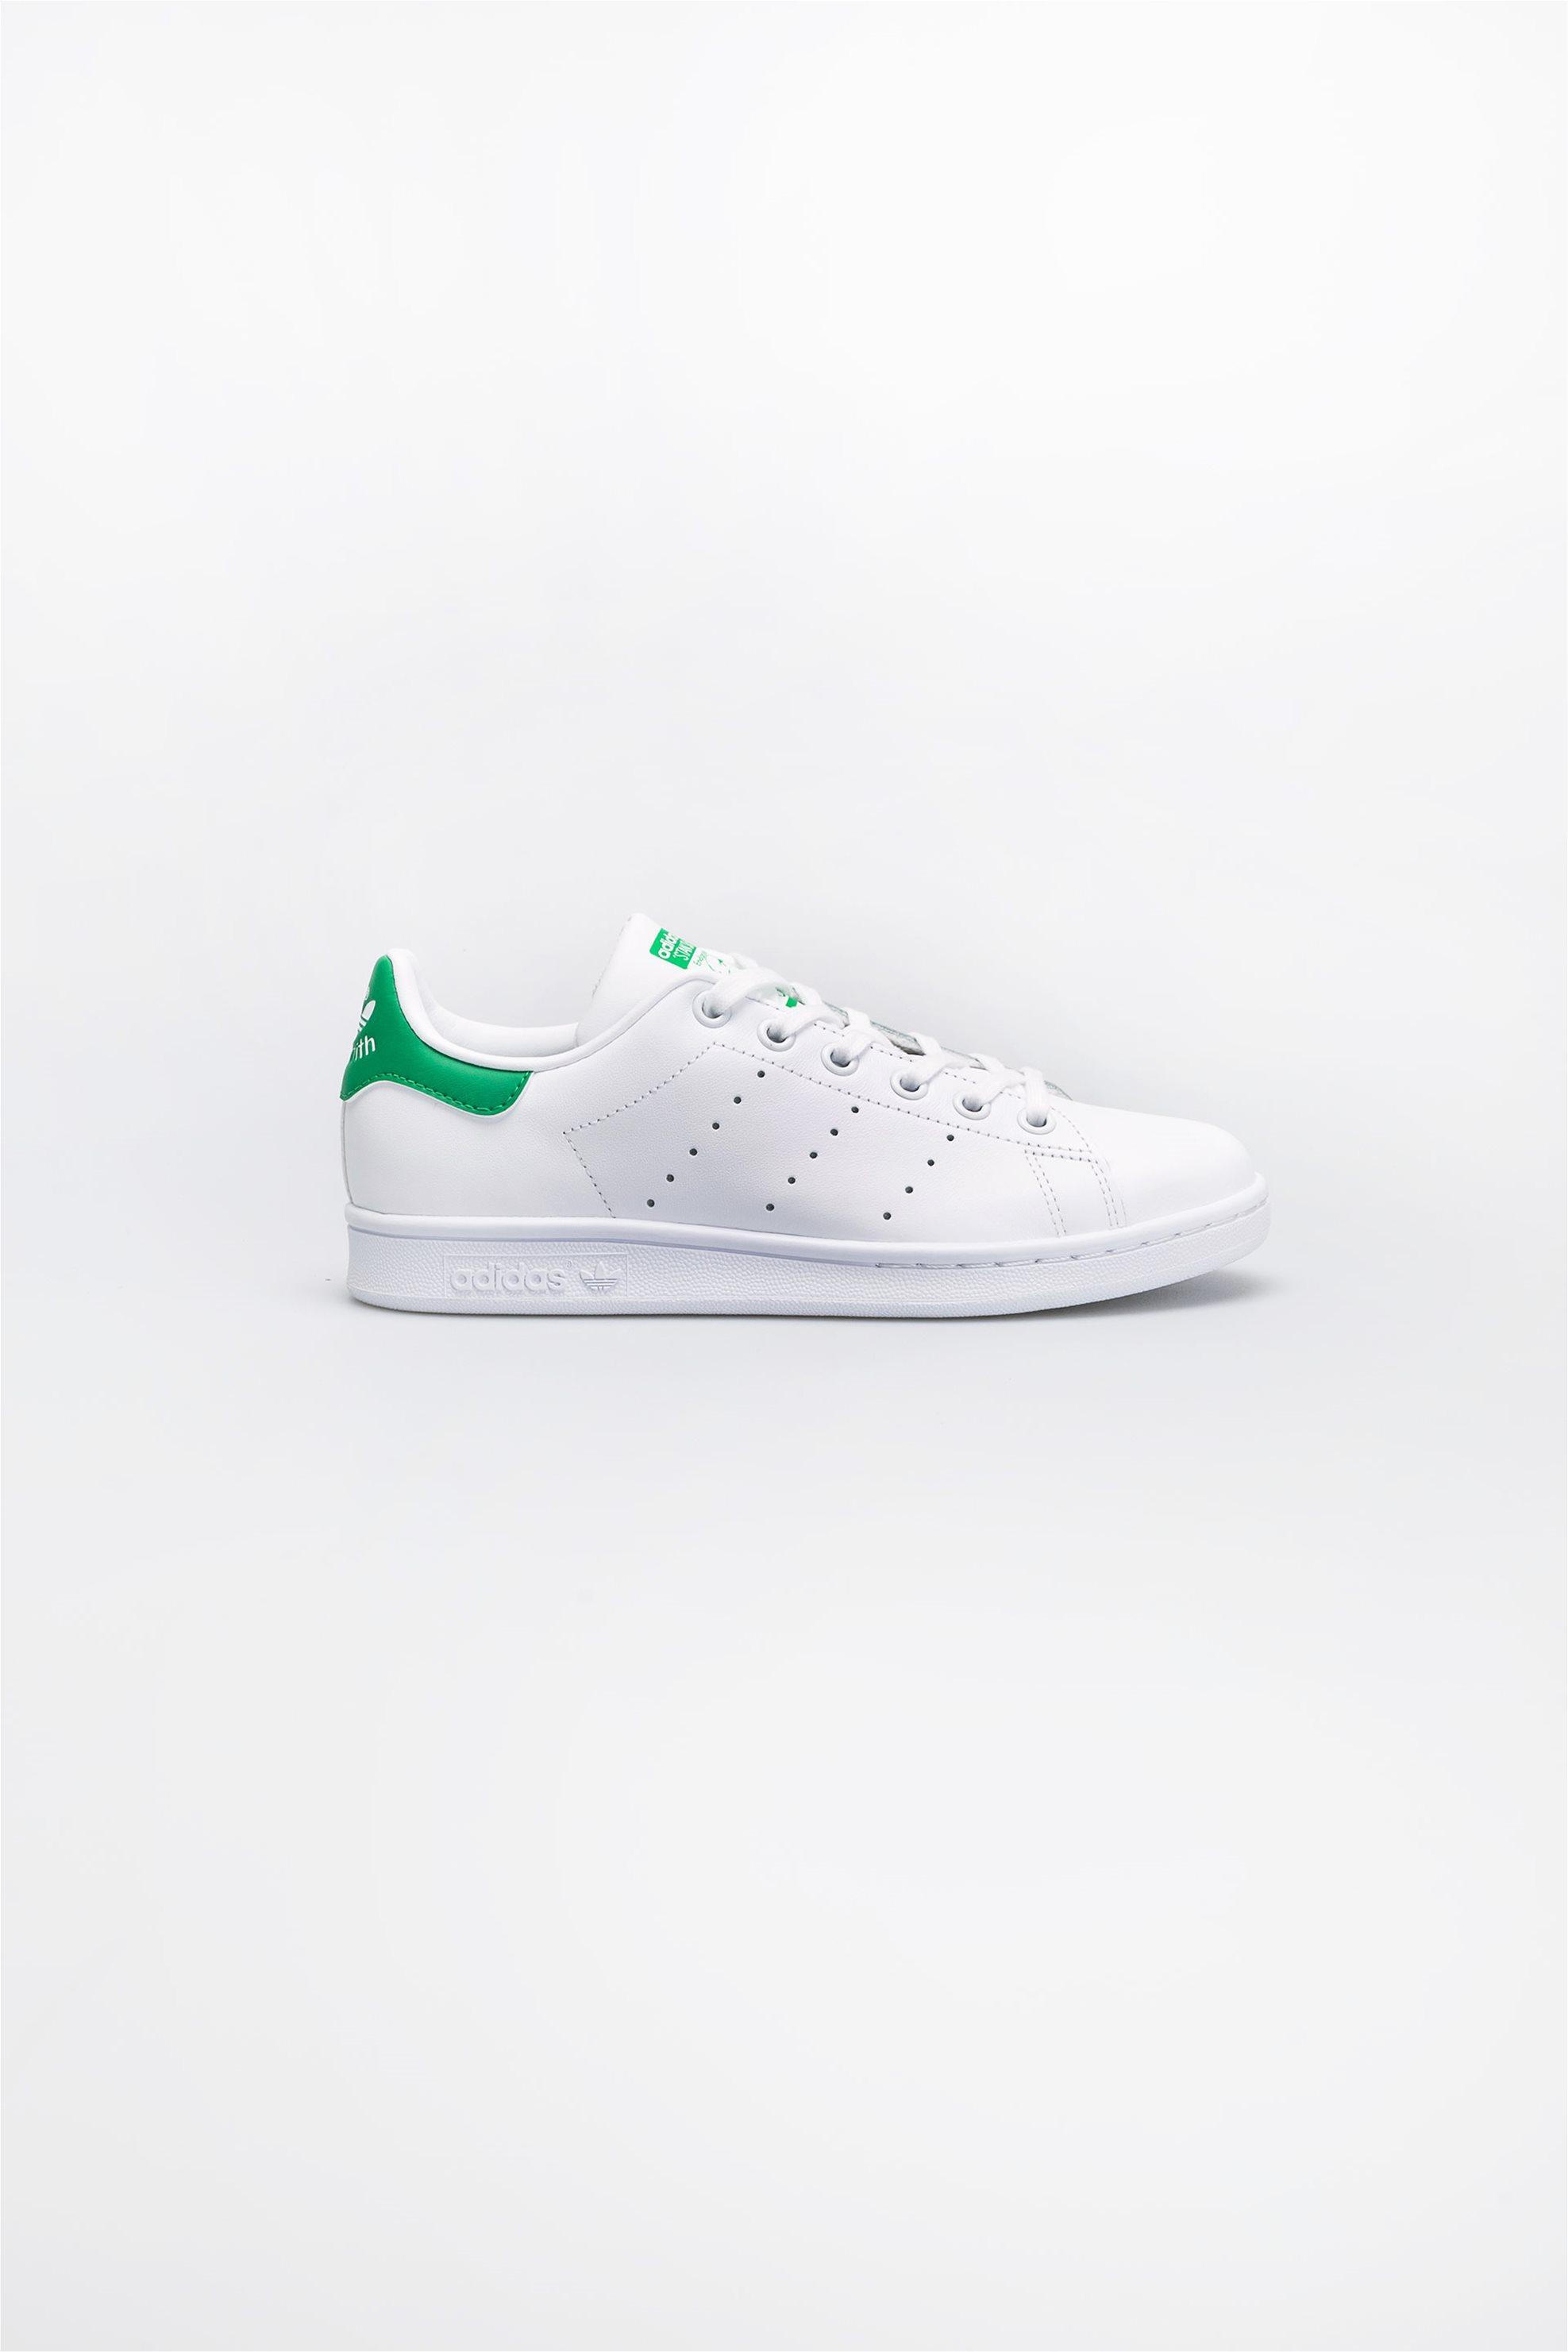 Παιδικά παπούτσια Stan Smith Adidas - M20605 - Λευκό 1dd5b7d8310